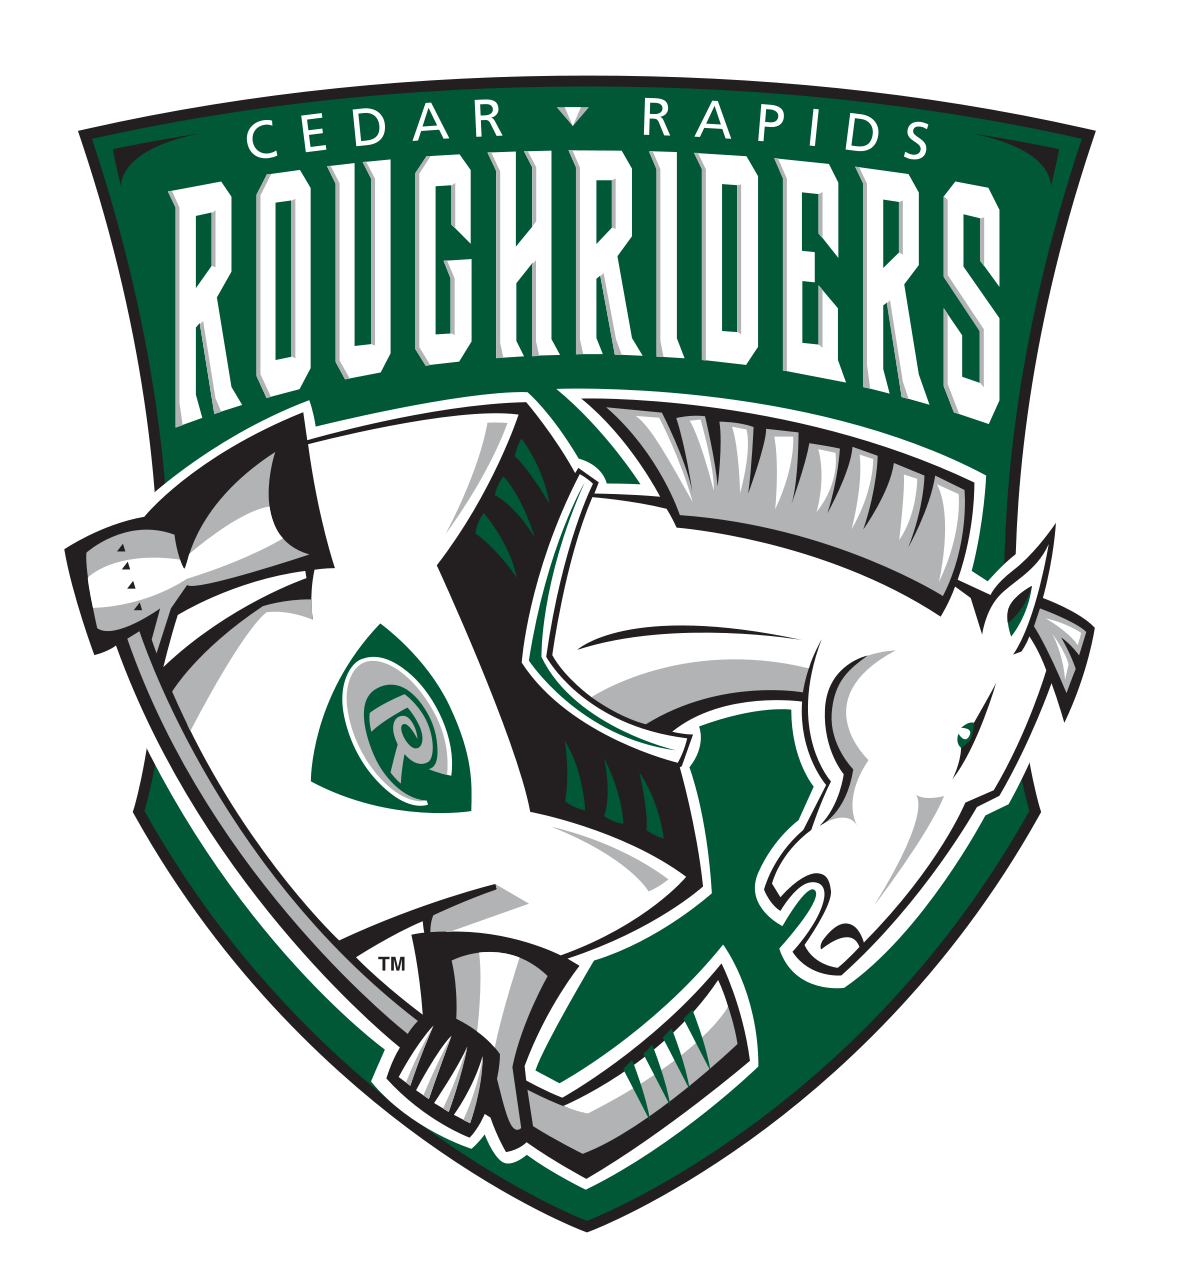 Cedar Rapids RoughRiders - Wikipedia jpg freeuse